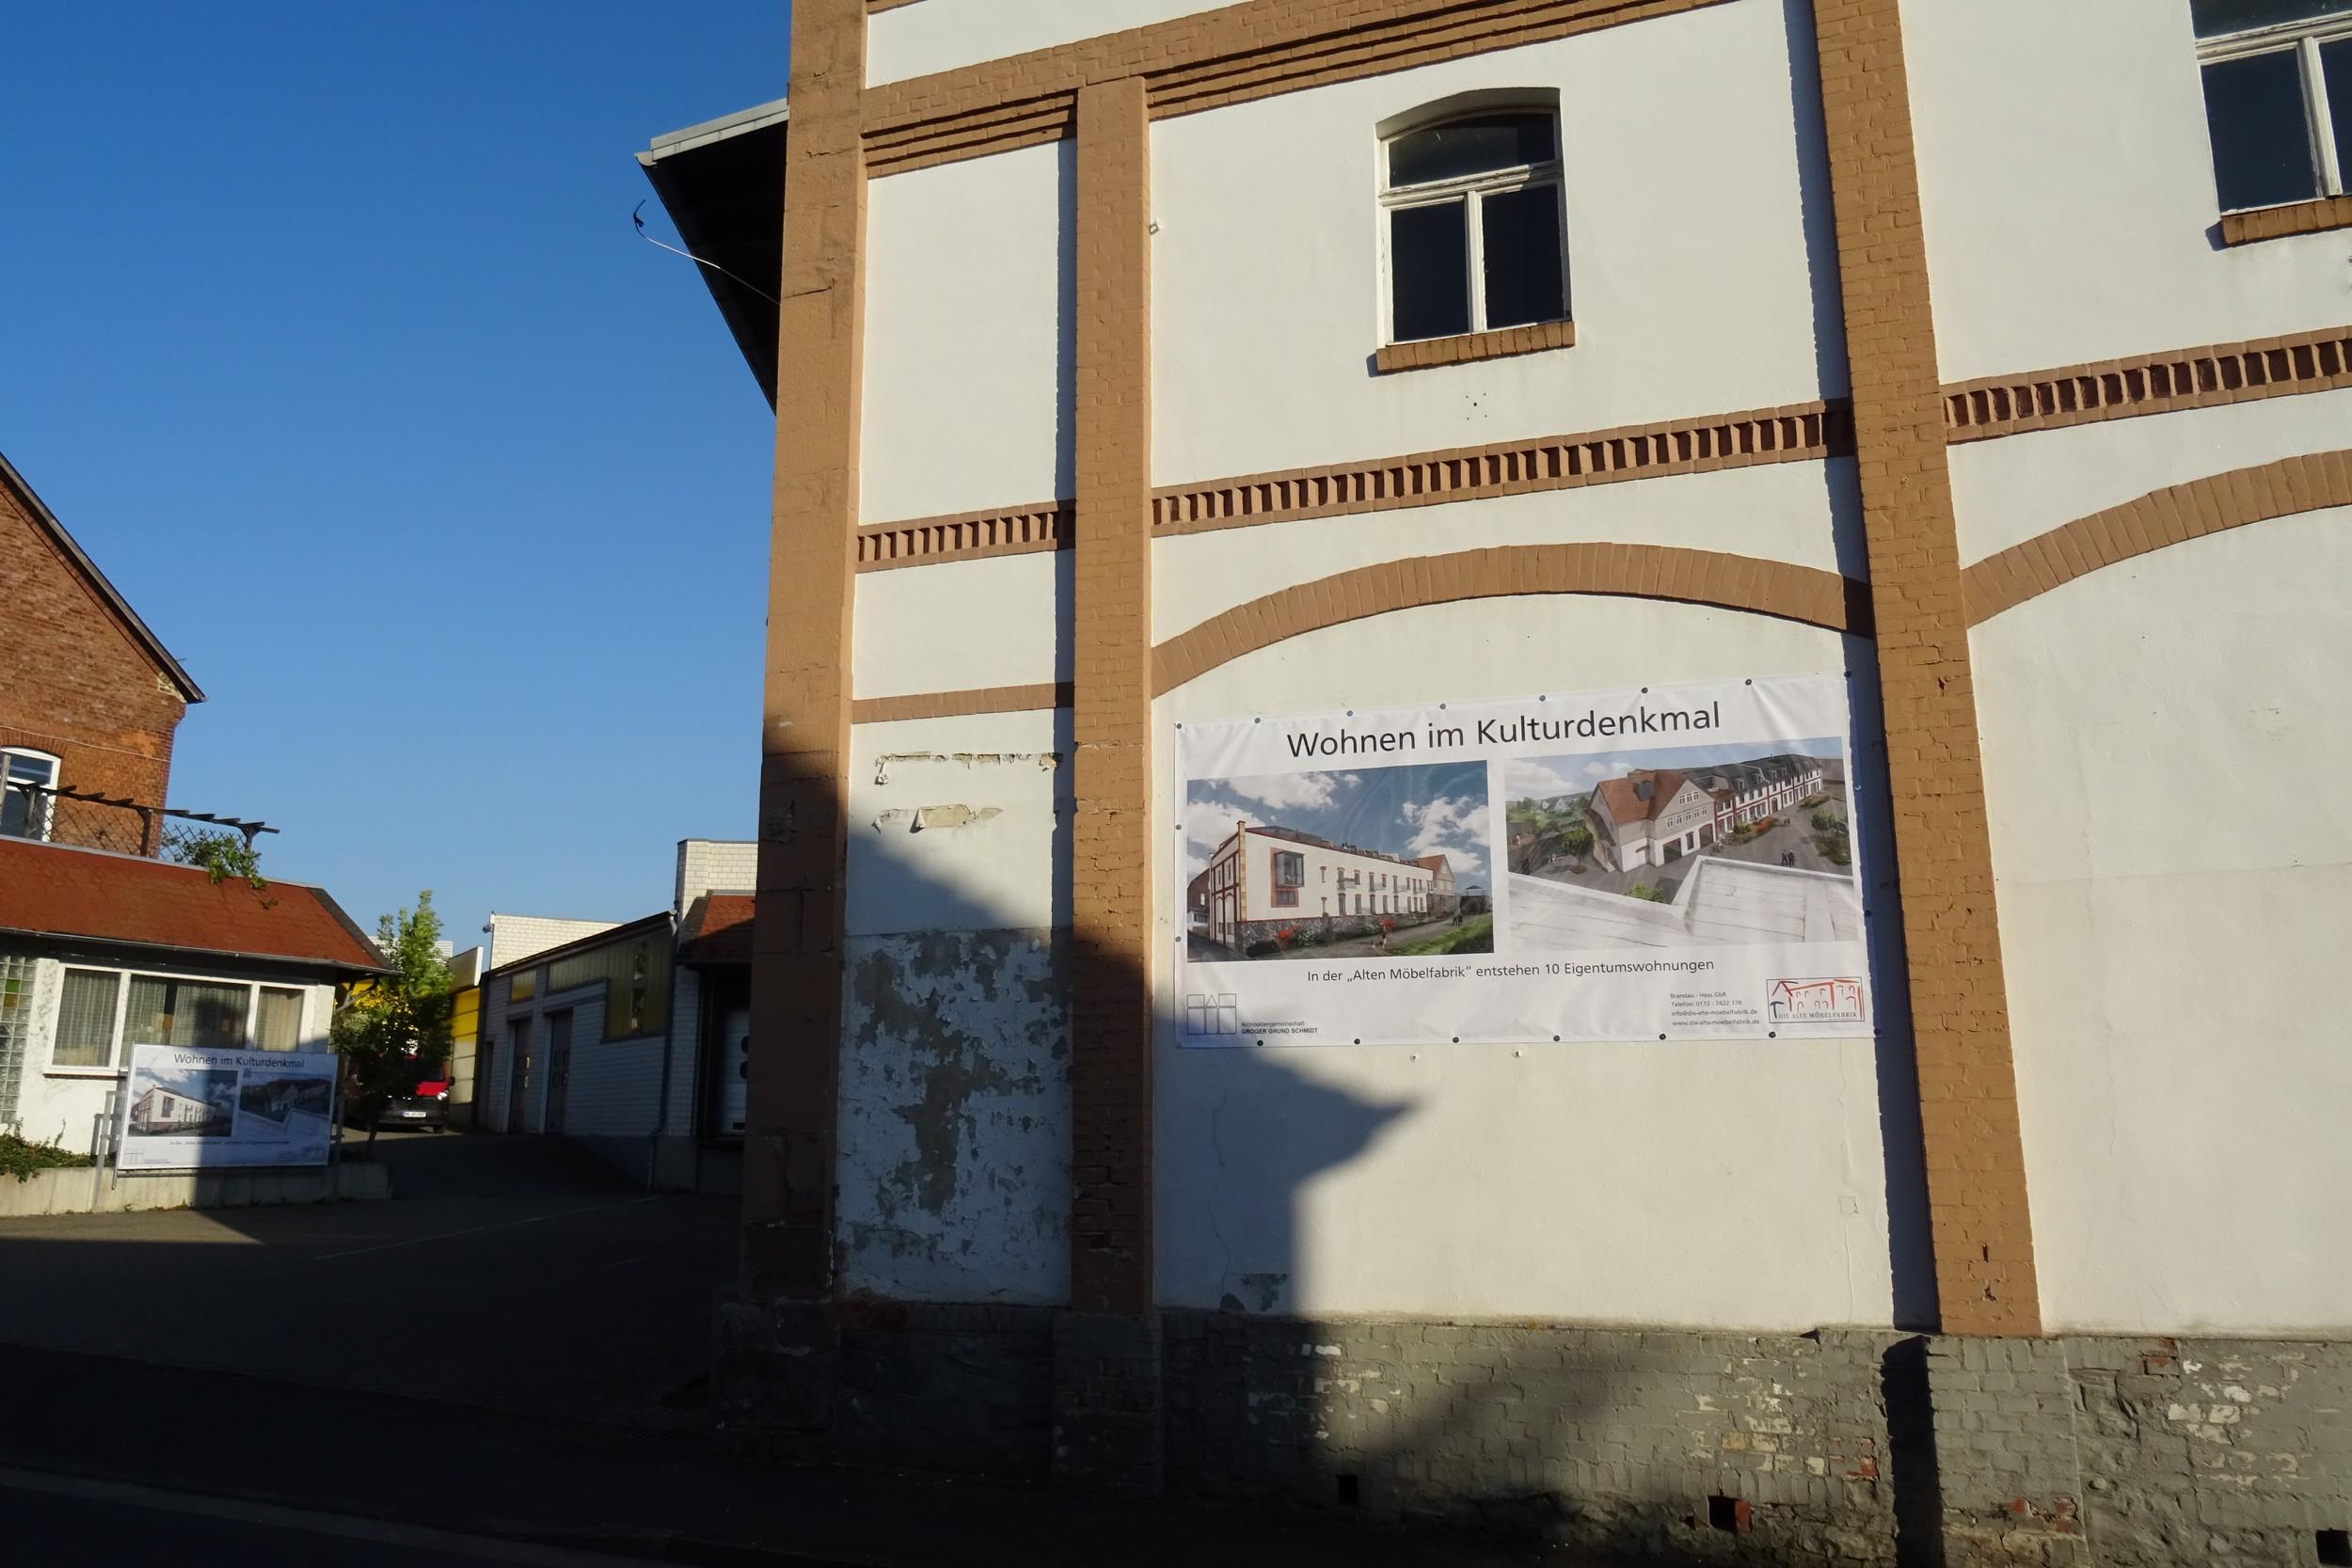 Wohnen im Kulturdenkmal